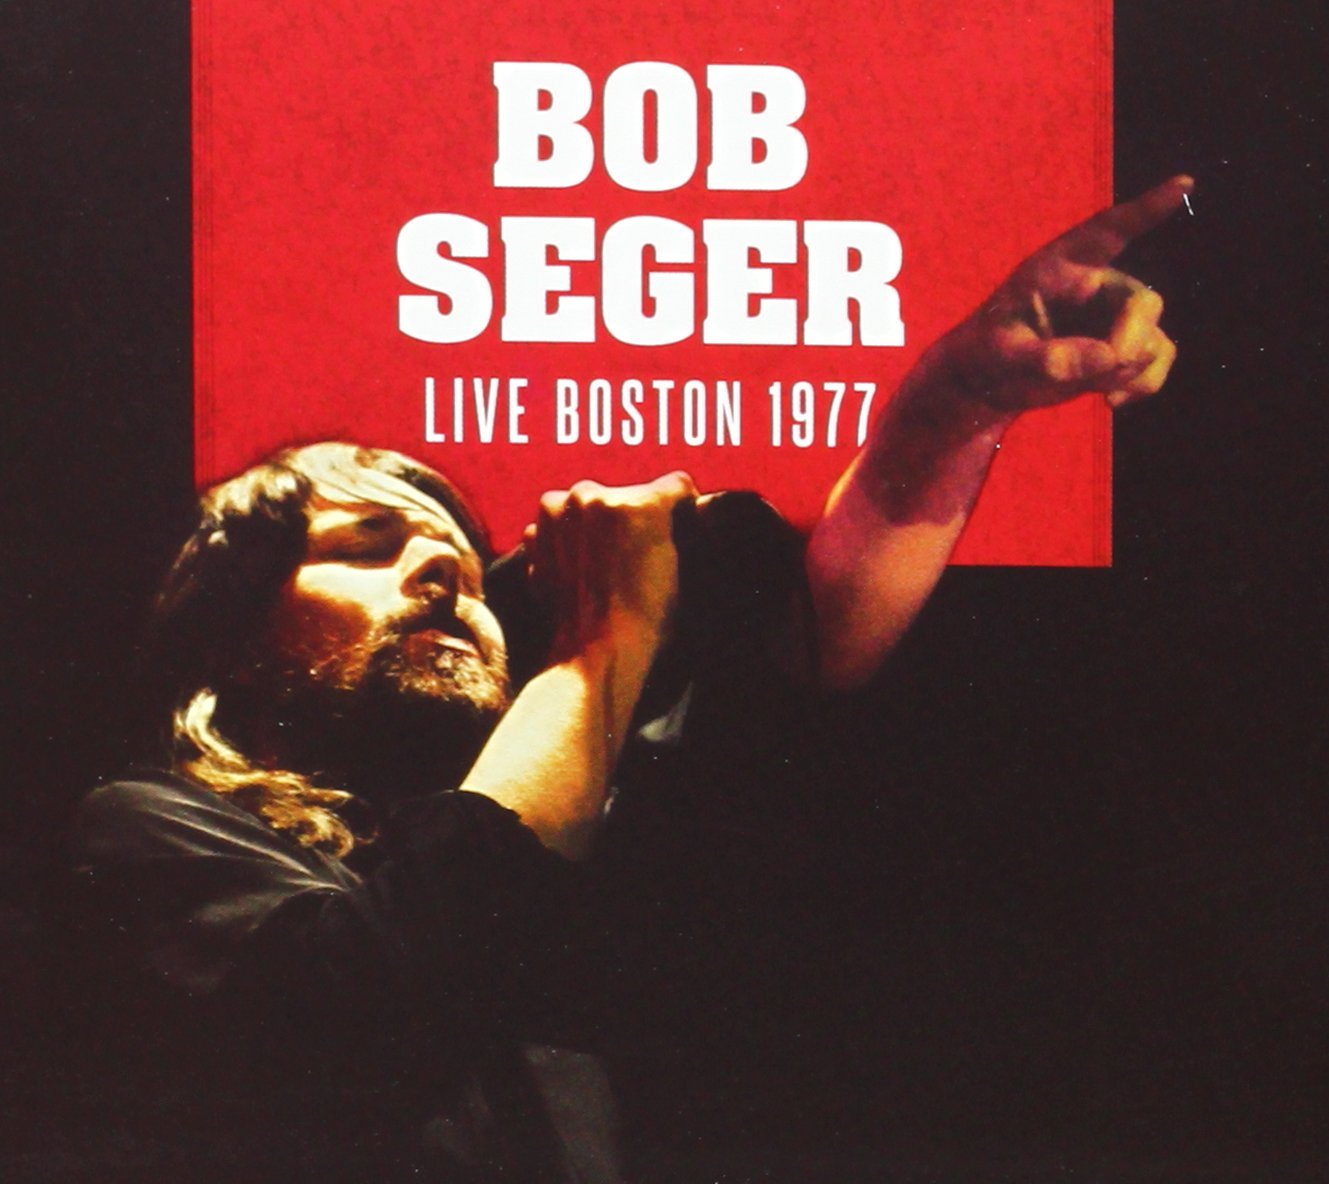 Bob Seger Live Boston 1977 - The Best Live AlbumsThe Best Live Albums